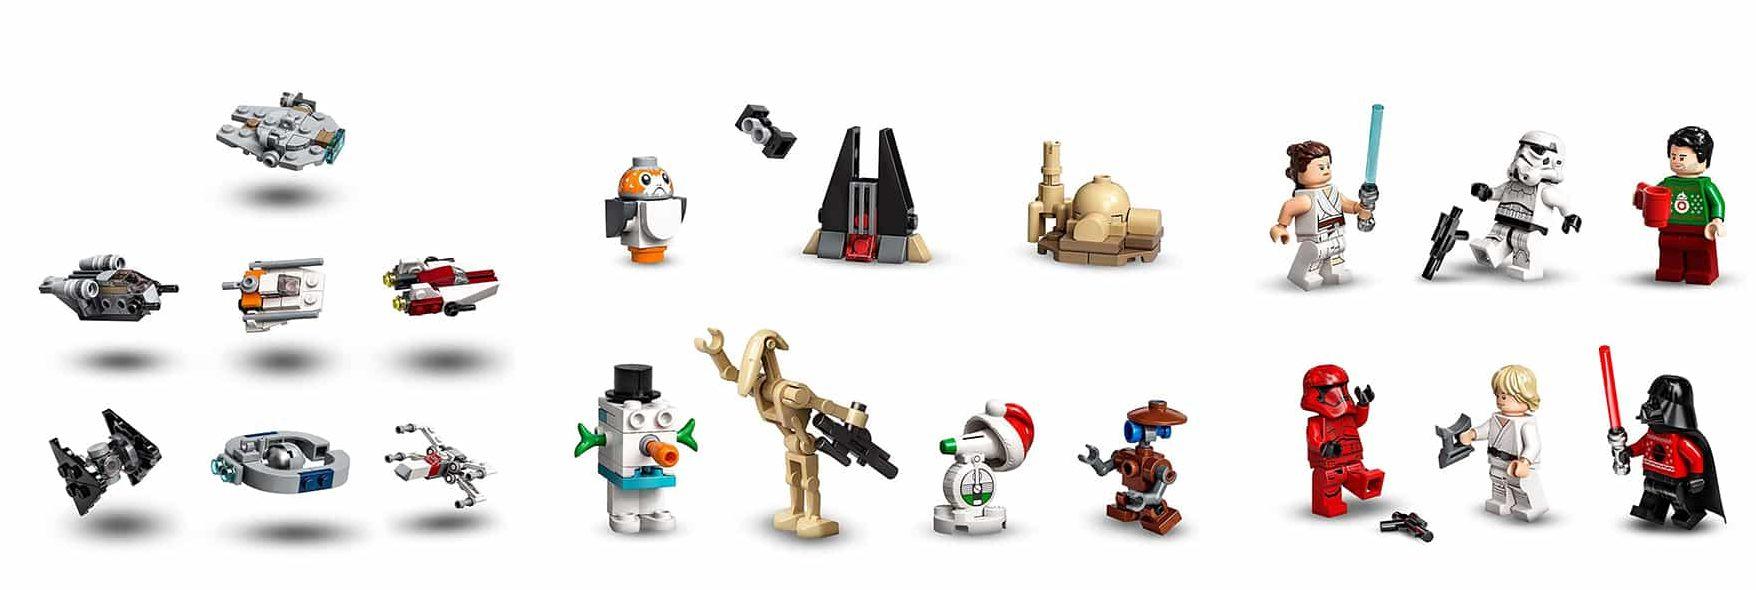 Dieses 311-teilige Adventskalender-Bauset ist ein tolles Geschenk in der Vorweihnachtszeit für Kinder ab 7 Jahren. Die Figuren und Baumodelle können auch mit anderen LEGO Star Wars Sets kombiniert werden, um noch mehr kreativen Spielspaß zu bieten Wenn nicht gerade feierlich ein Türchen geöffnet wird oder spannende Spielabenteuer stattfinden, bereichert der LEGO Star Wars Adventskalender 2020 als spektakuläres Schaustück und attraktive Weihnachtsdeko jedes Zimmer